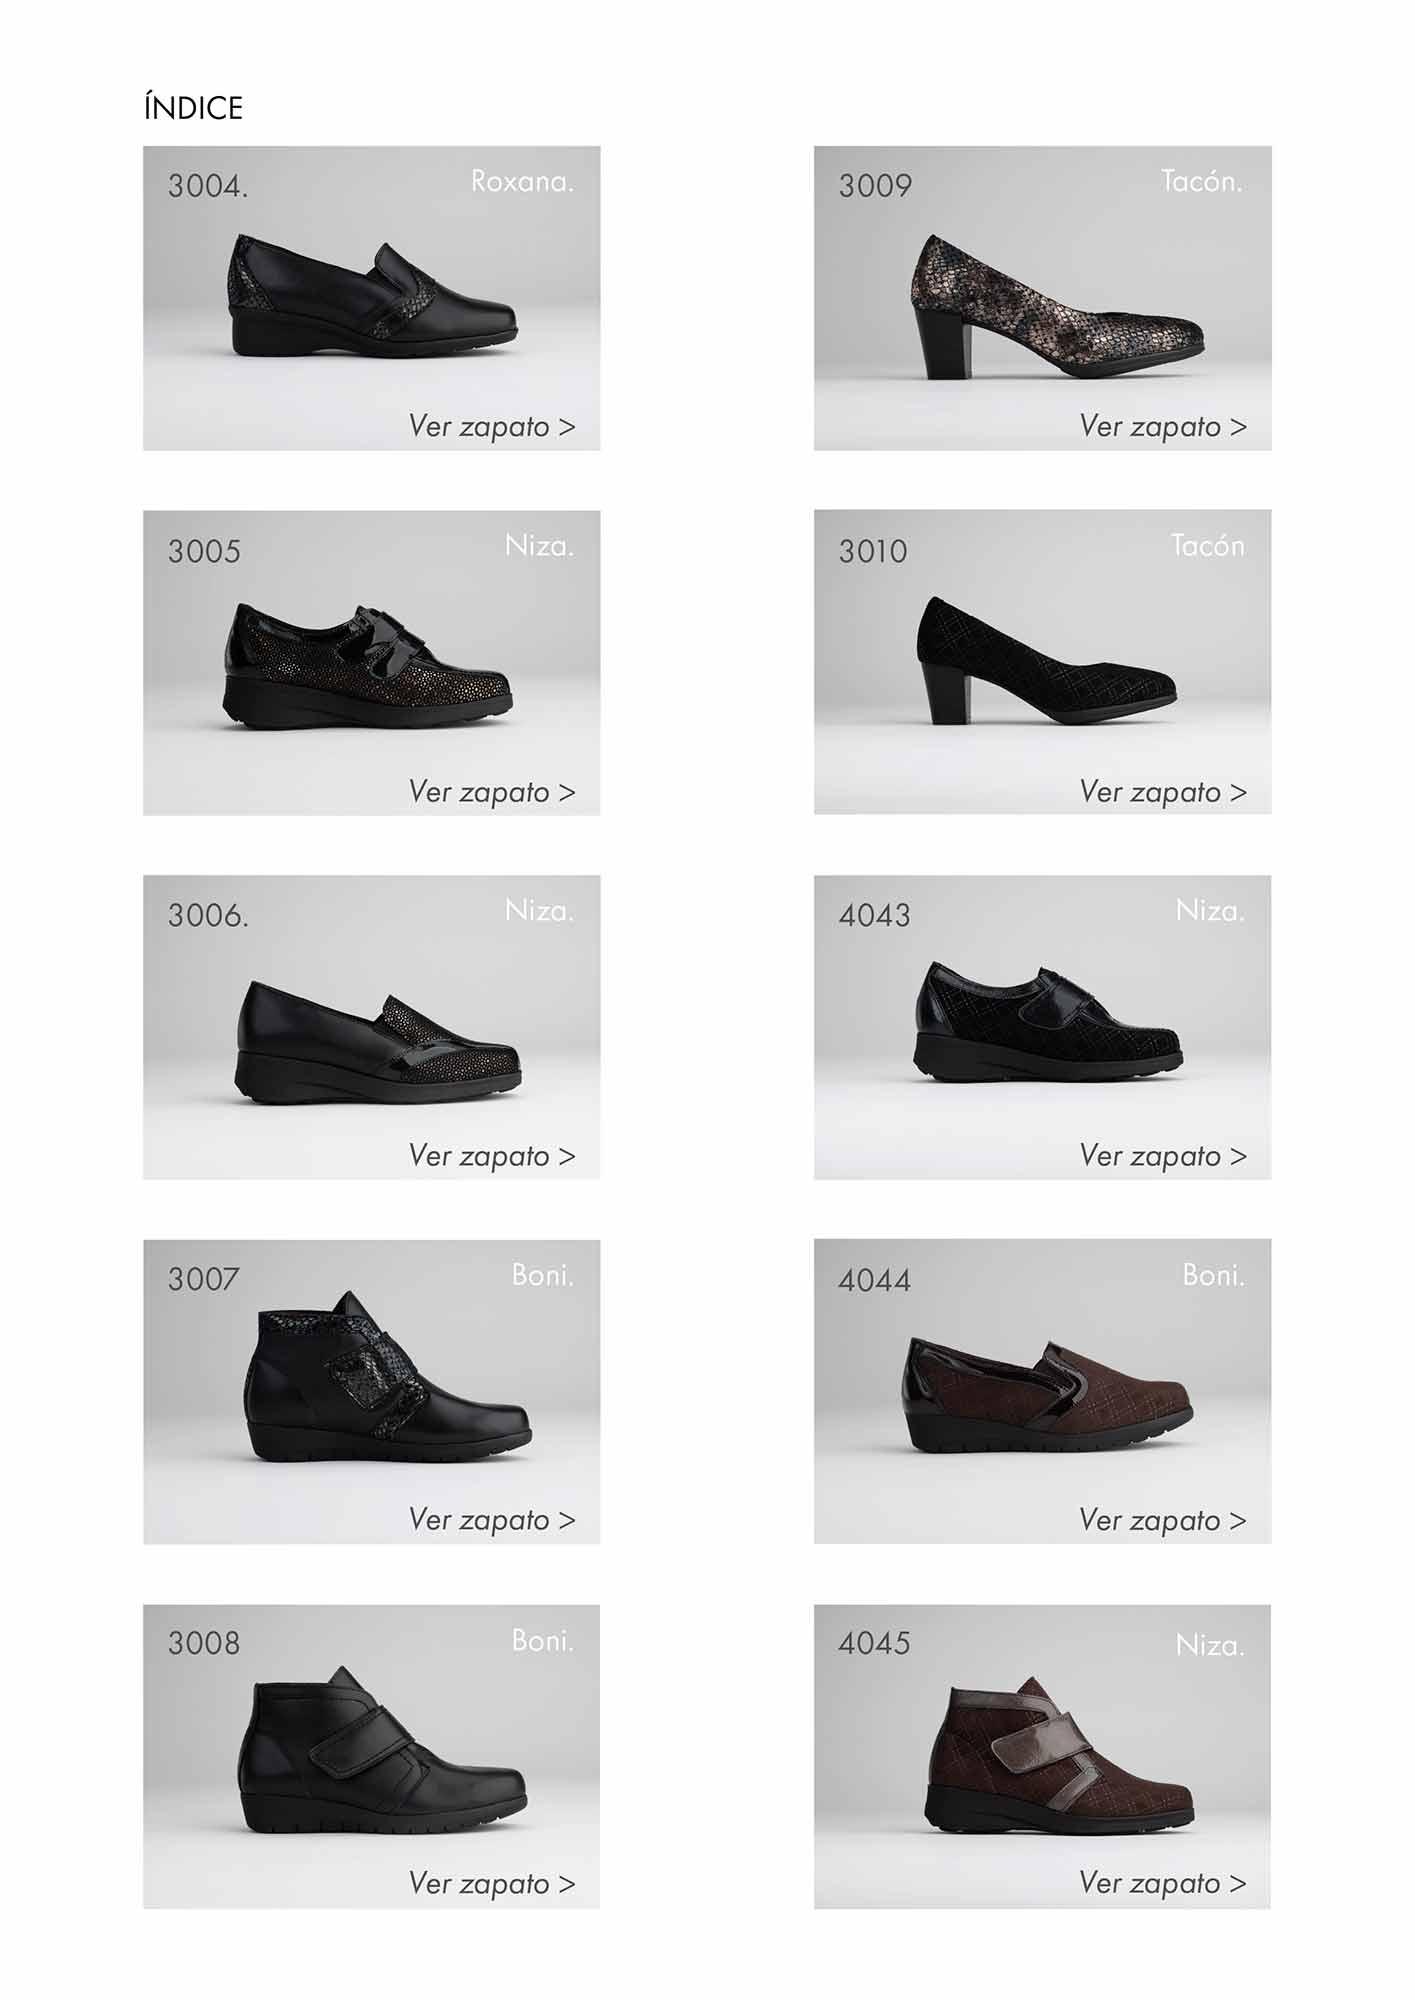 Indice de zapatos de cátalogo